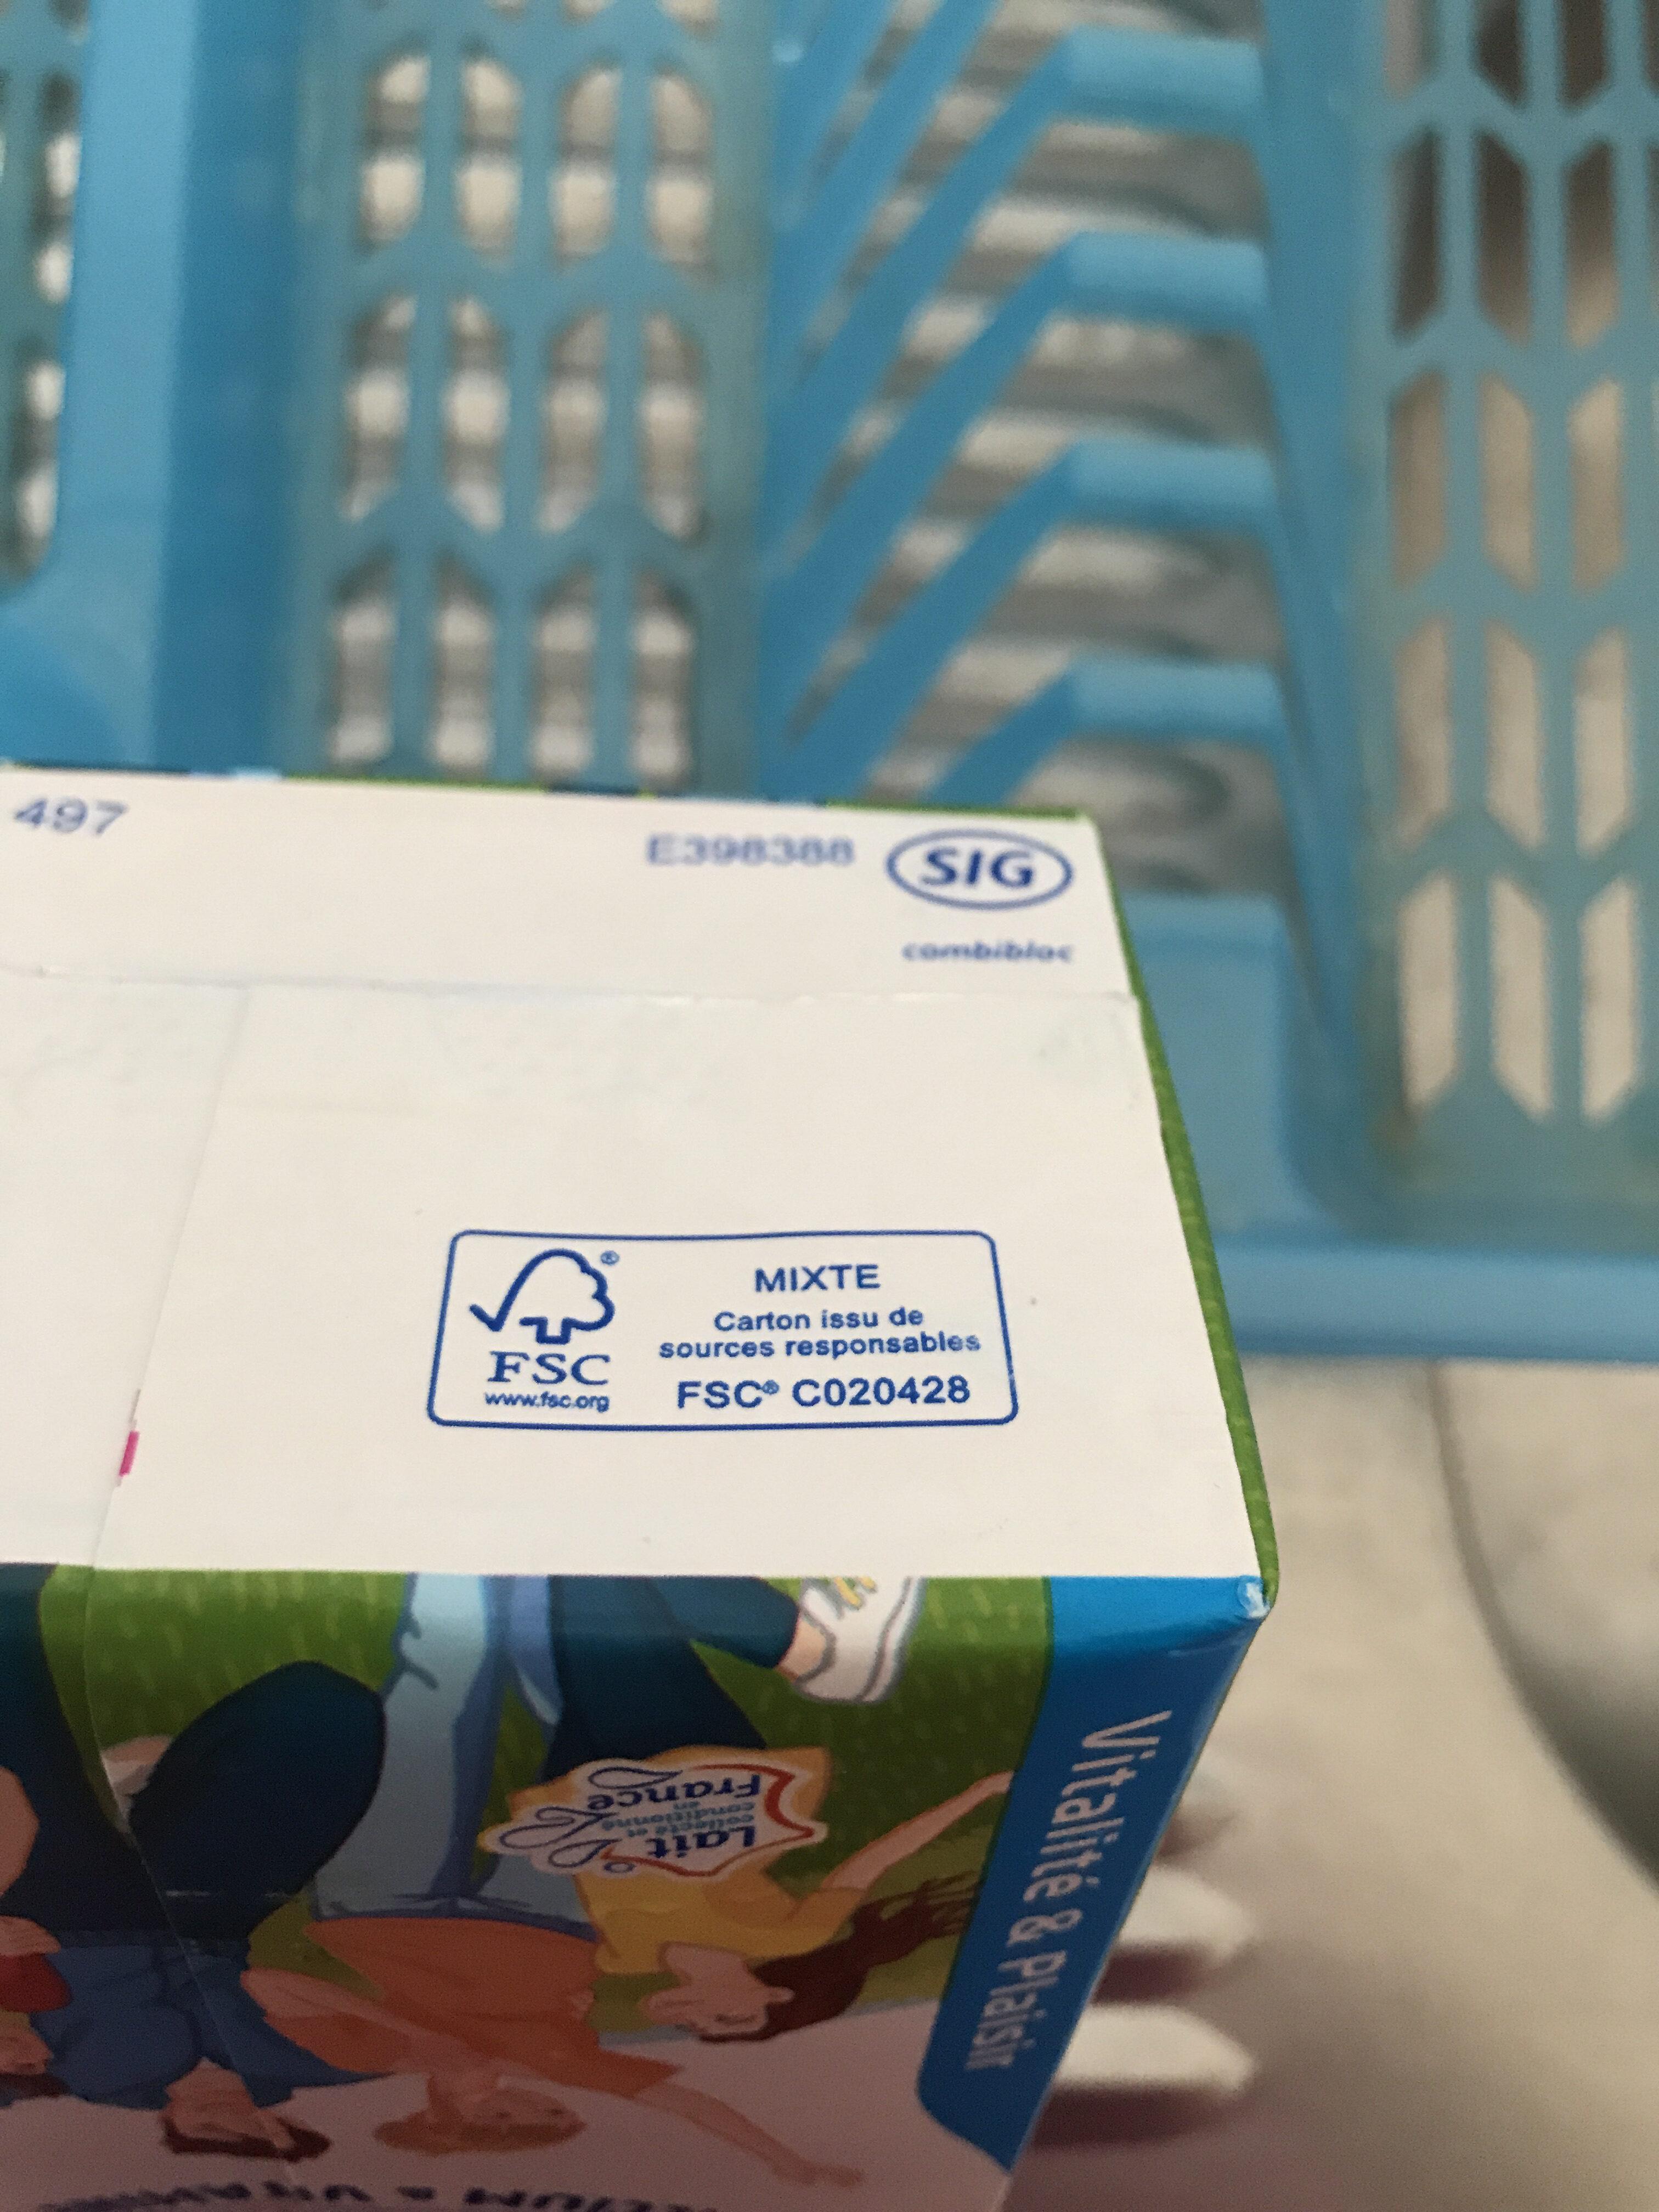 Lait Viva® - Instruction de recyclage et/ou information d'emballage - fr